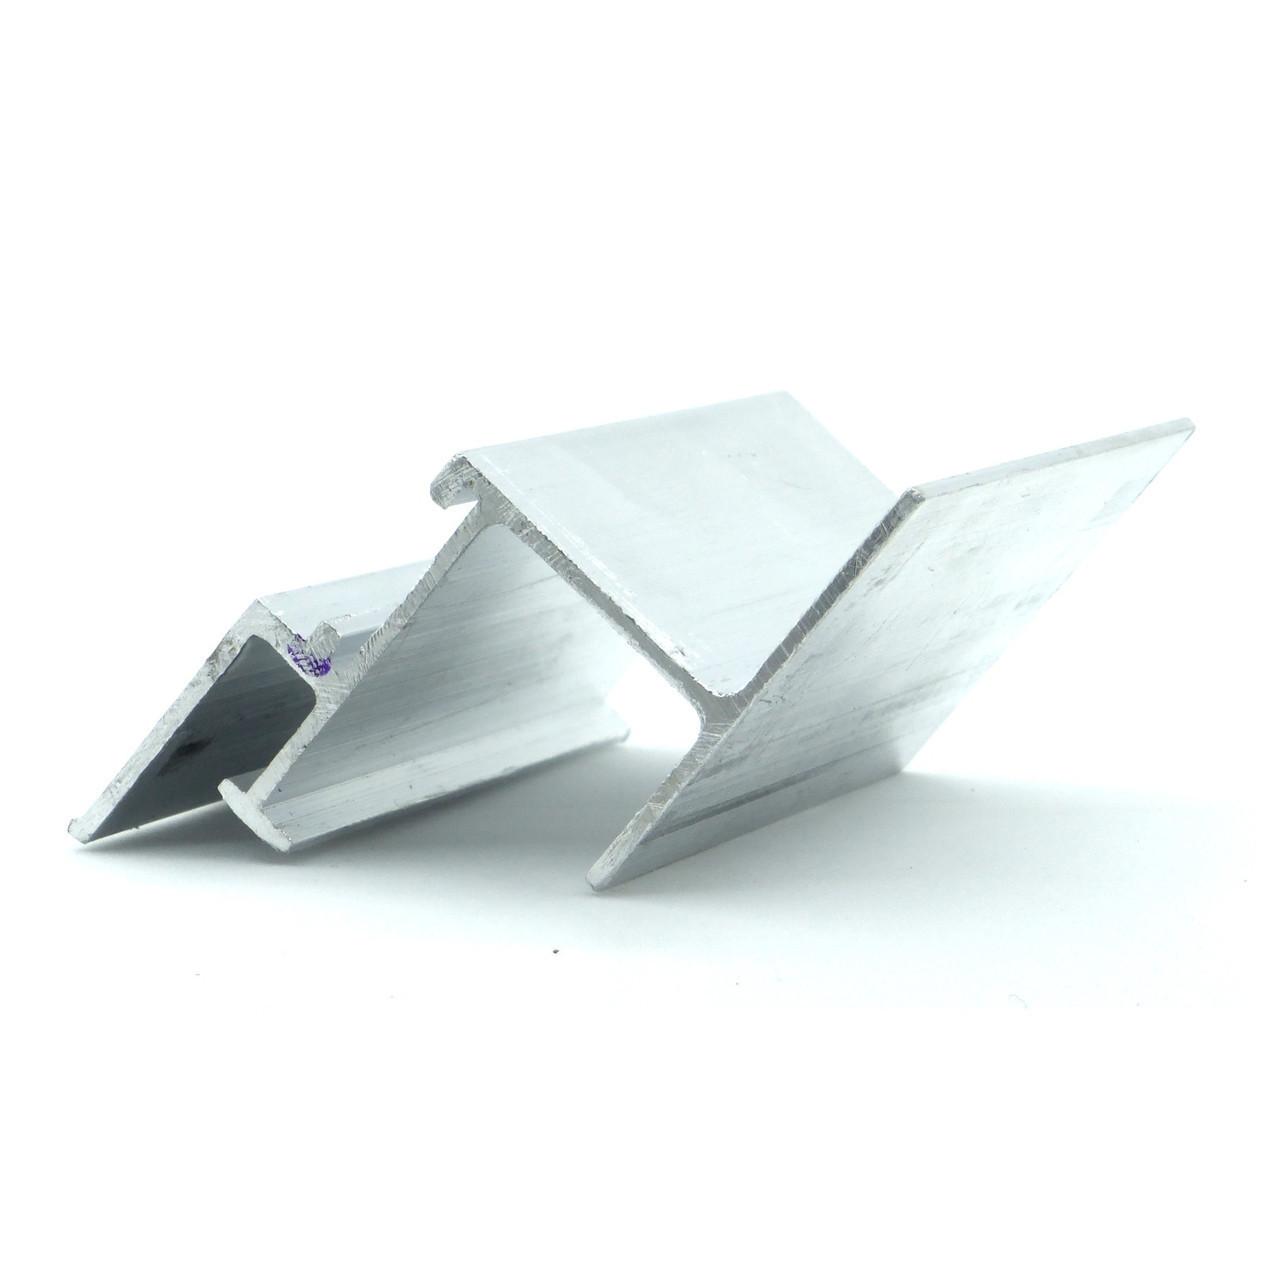 Профиль алюминиевый для натяжных потолков - парящий, прямой, без вставки №2. Длина профиля 2,5 м.